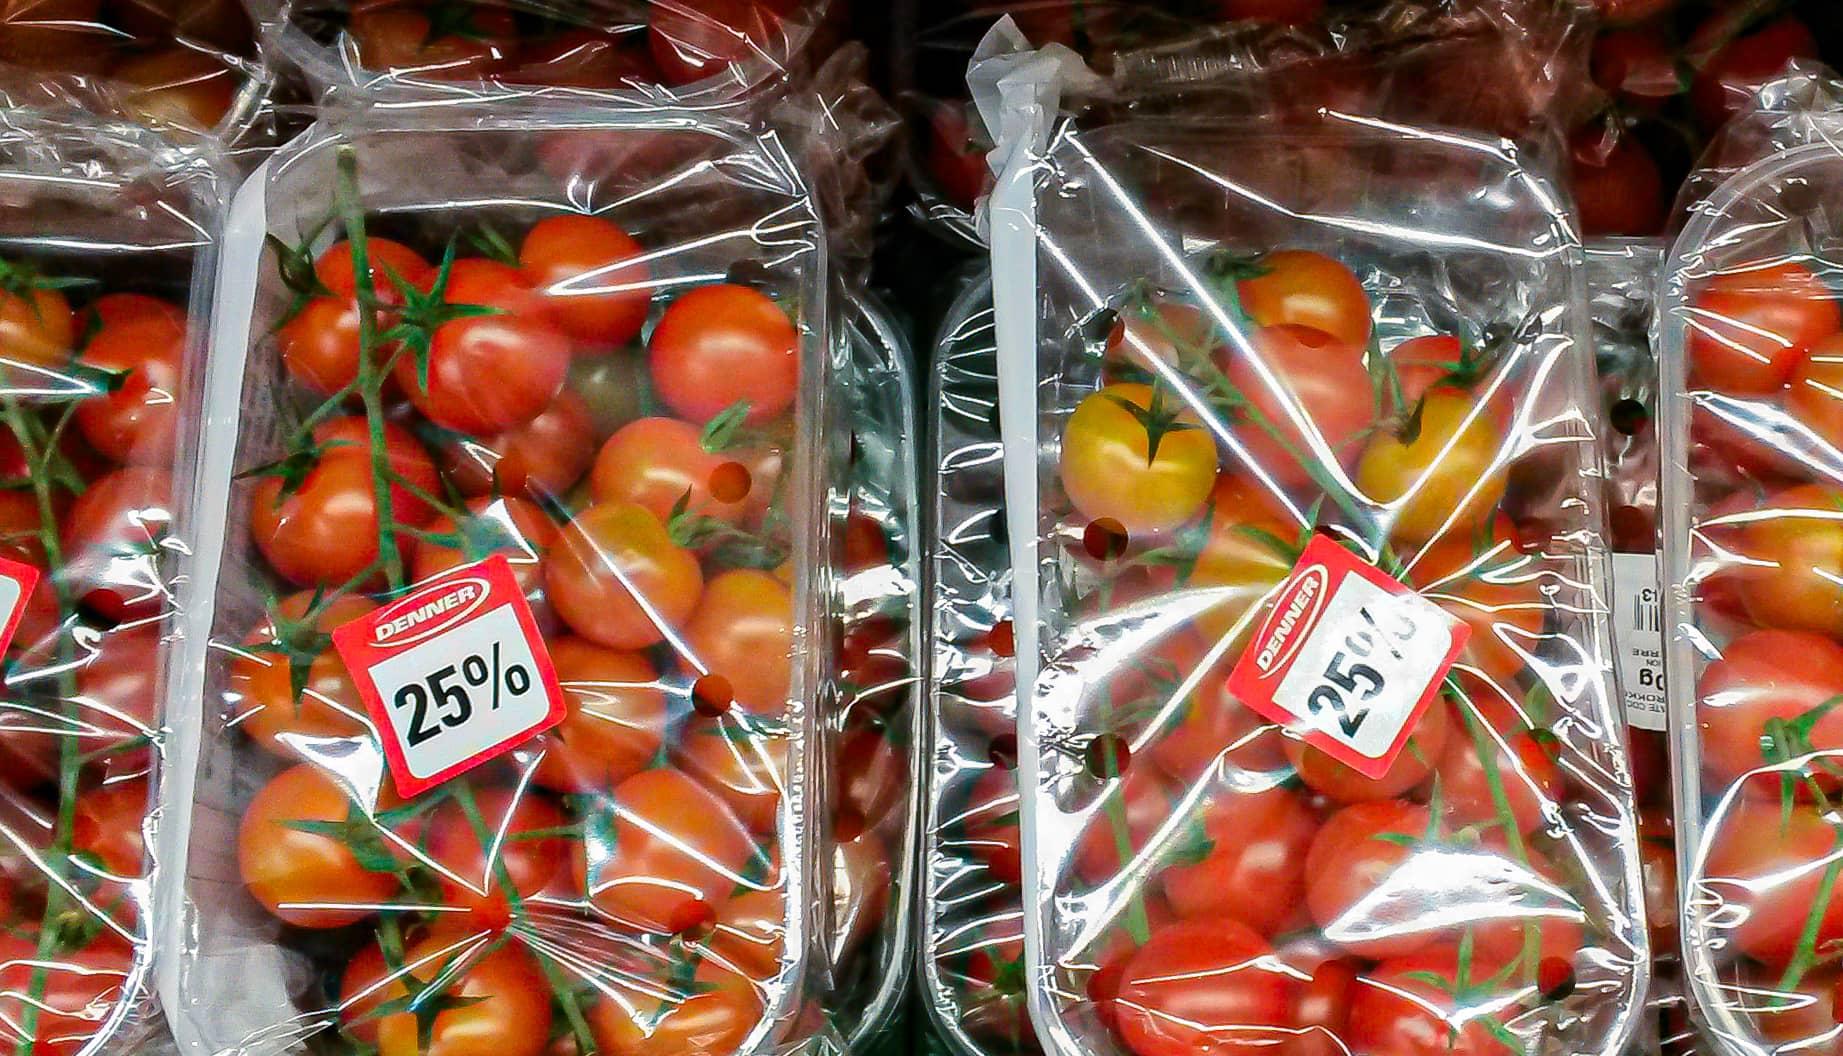 Cherrytomaten in Packungen von Denner